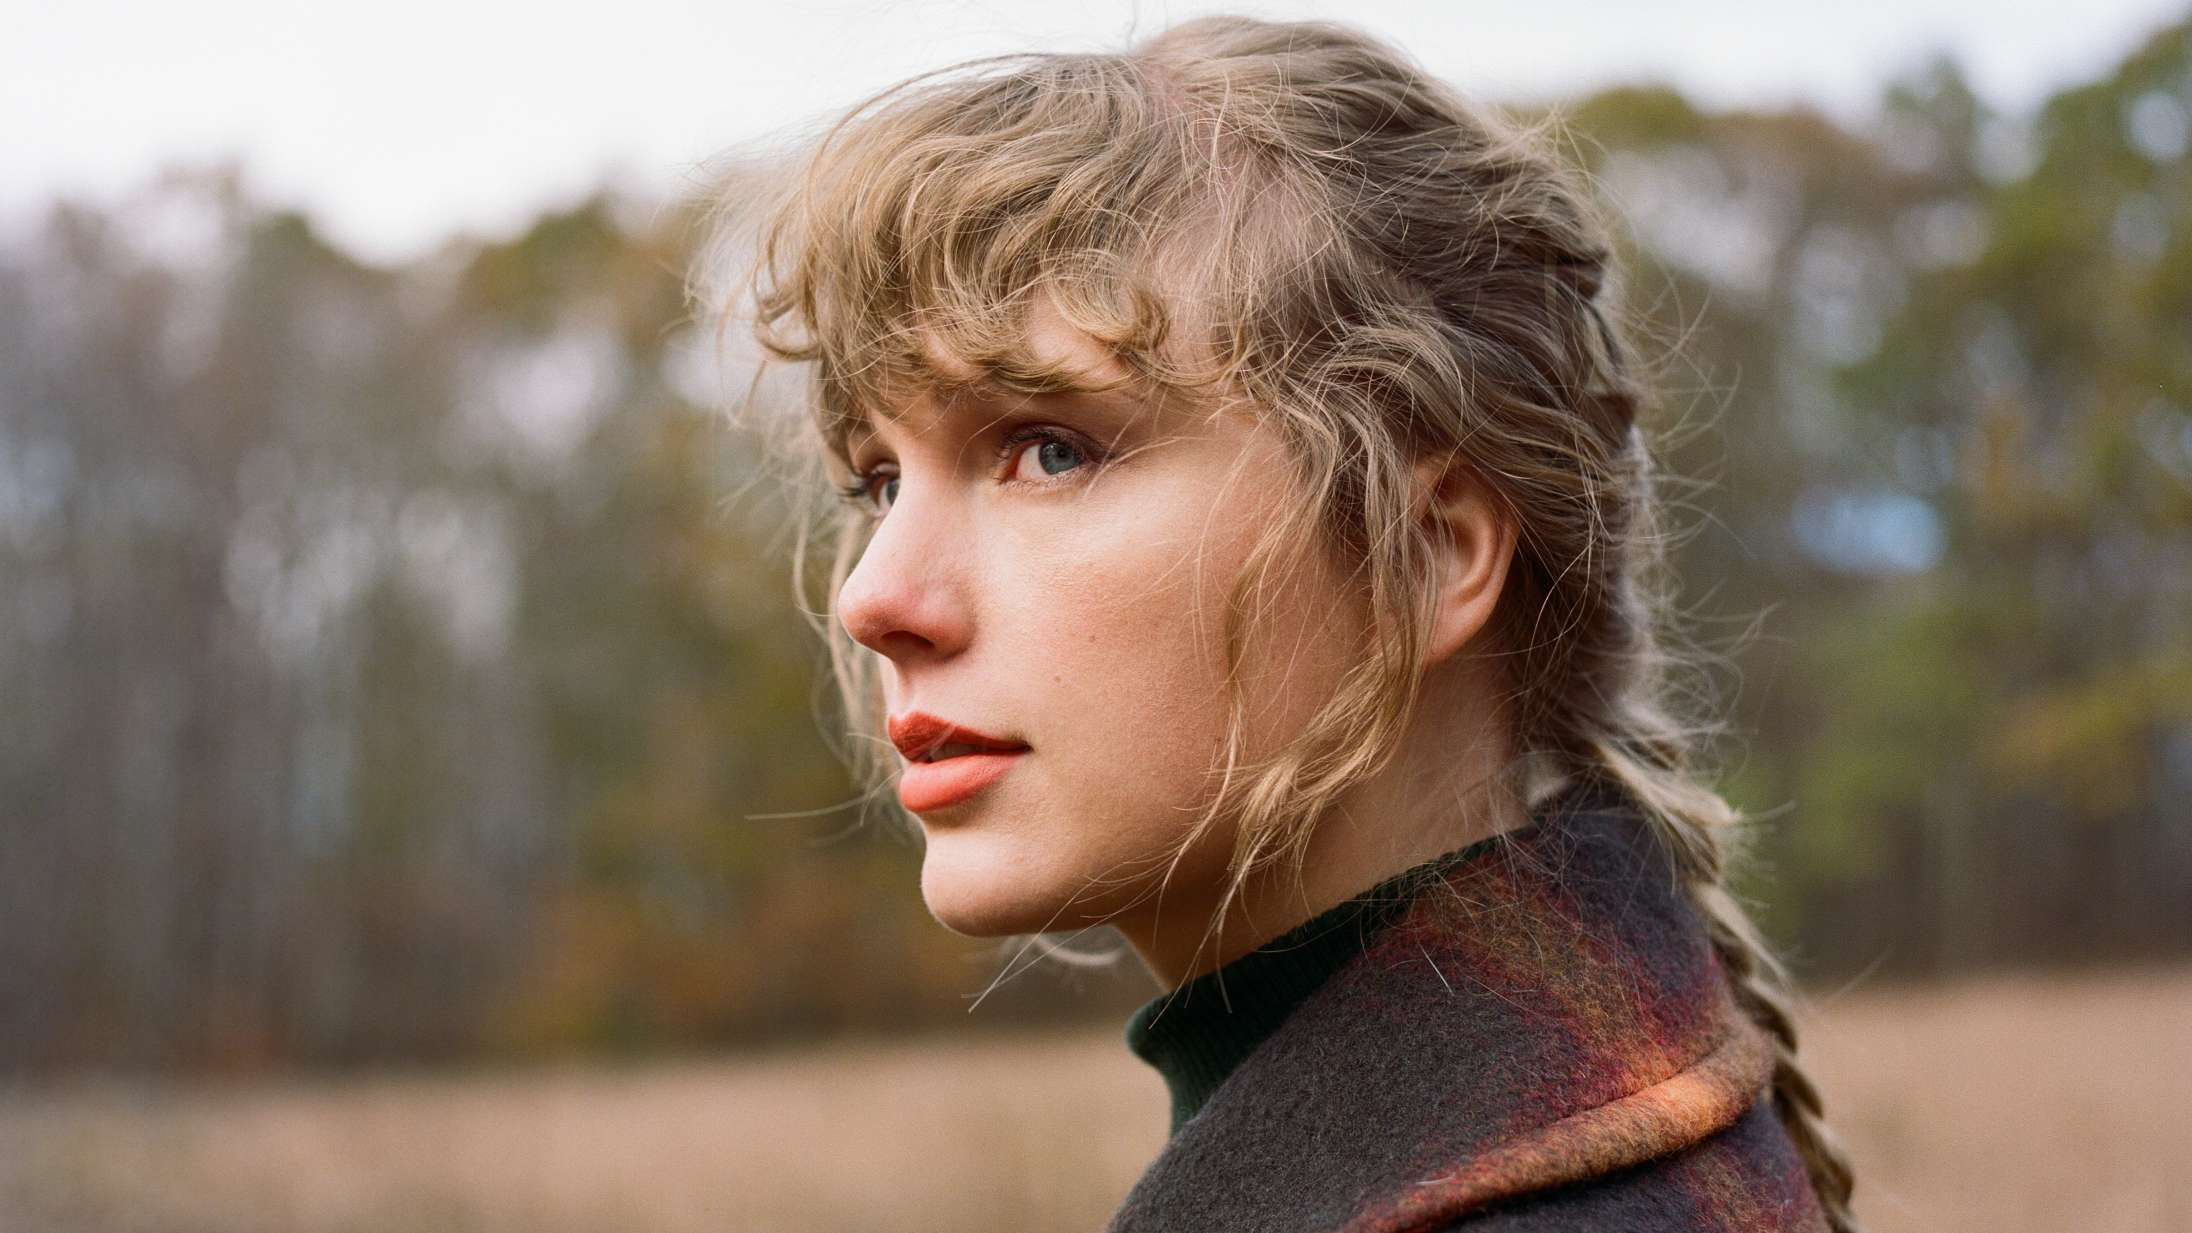 Taylor Swift kæmper mod sig selv i en surreel materialisering af det klassiske 'Old Taylor vs New Taylor'-meme